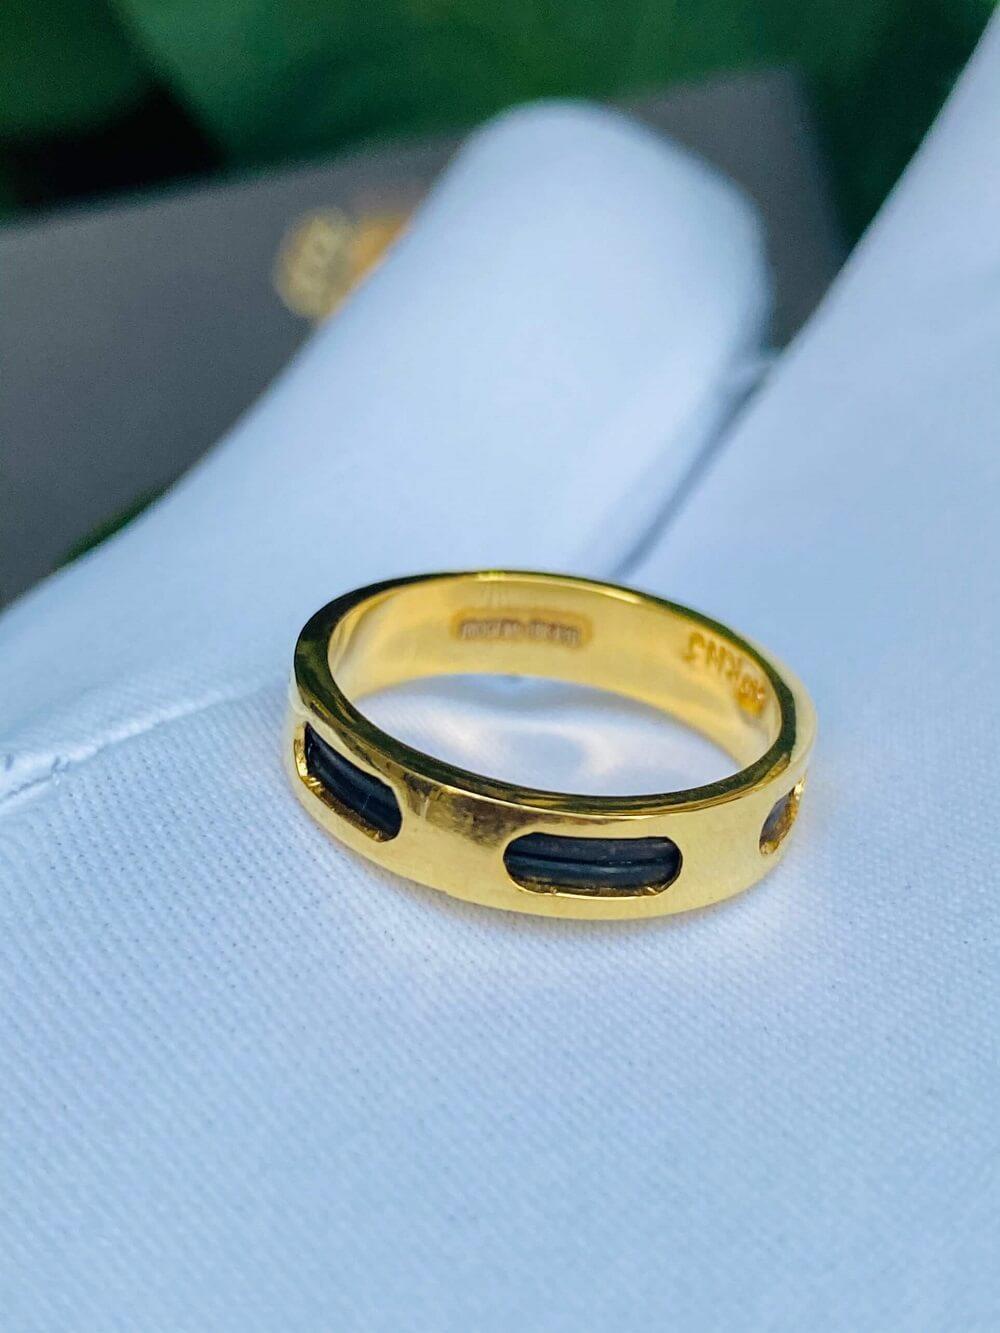 Nhẫn Vuông luồng 2 sợi lông 6 rãnh vàng 18K – Bảng 5li (lông FAKE) giá trị